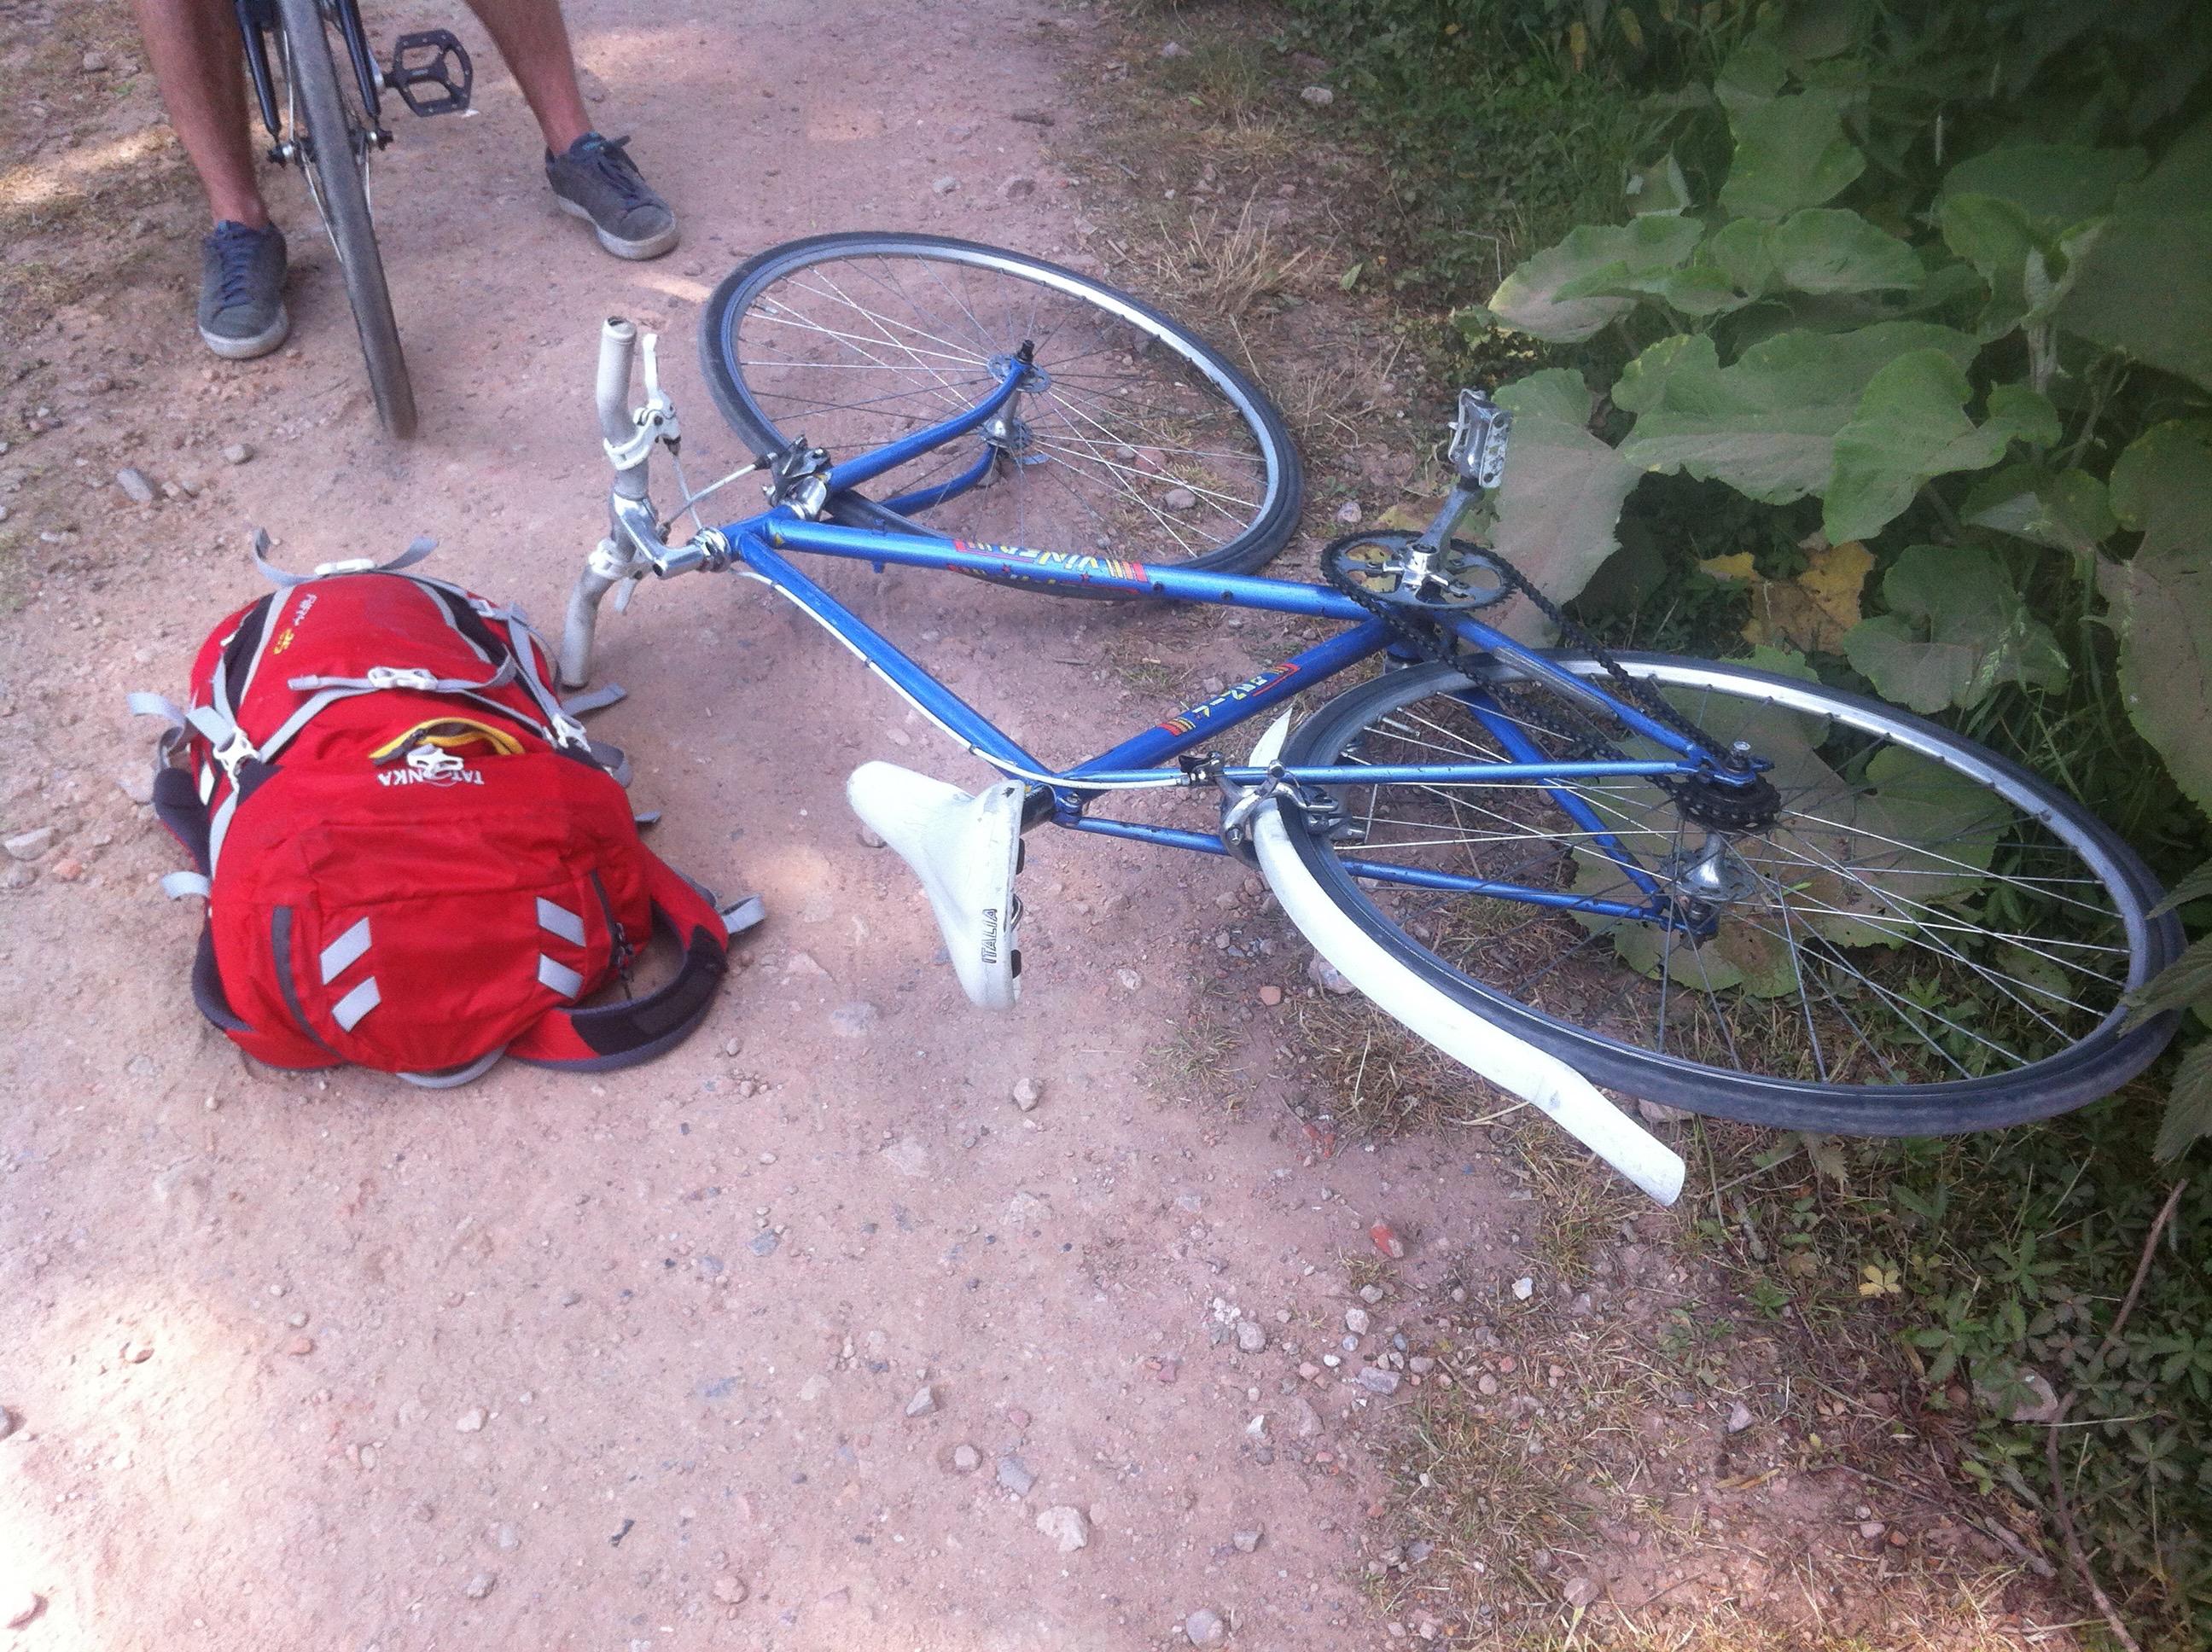 Liegendes Fahrrad und Rucksack